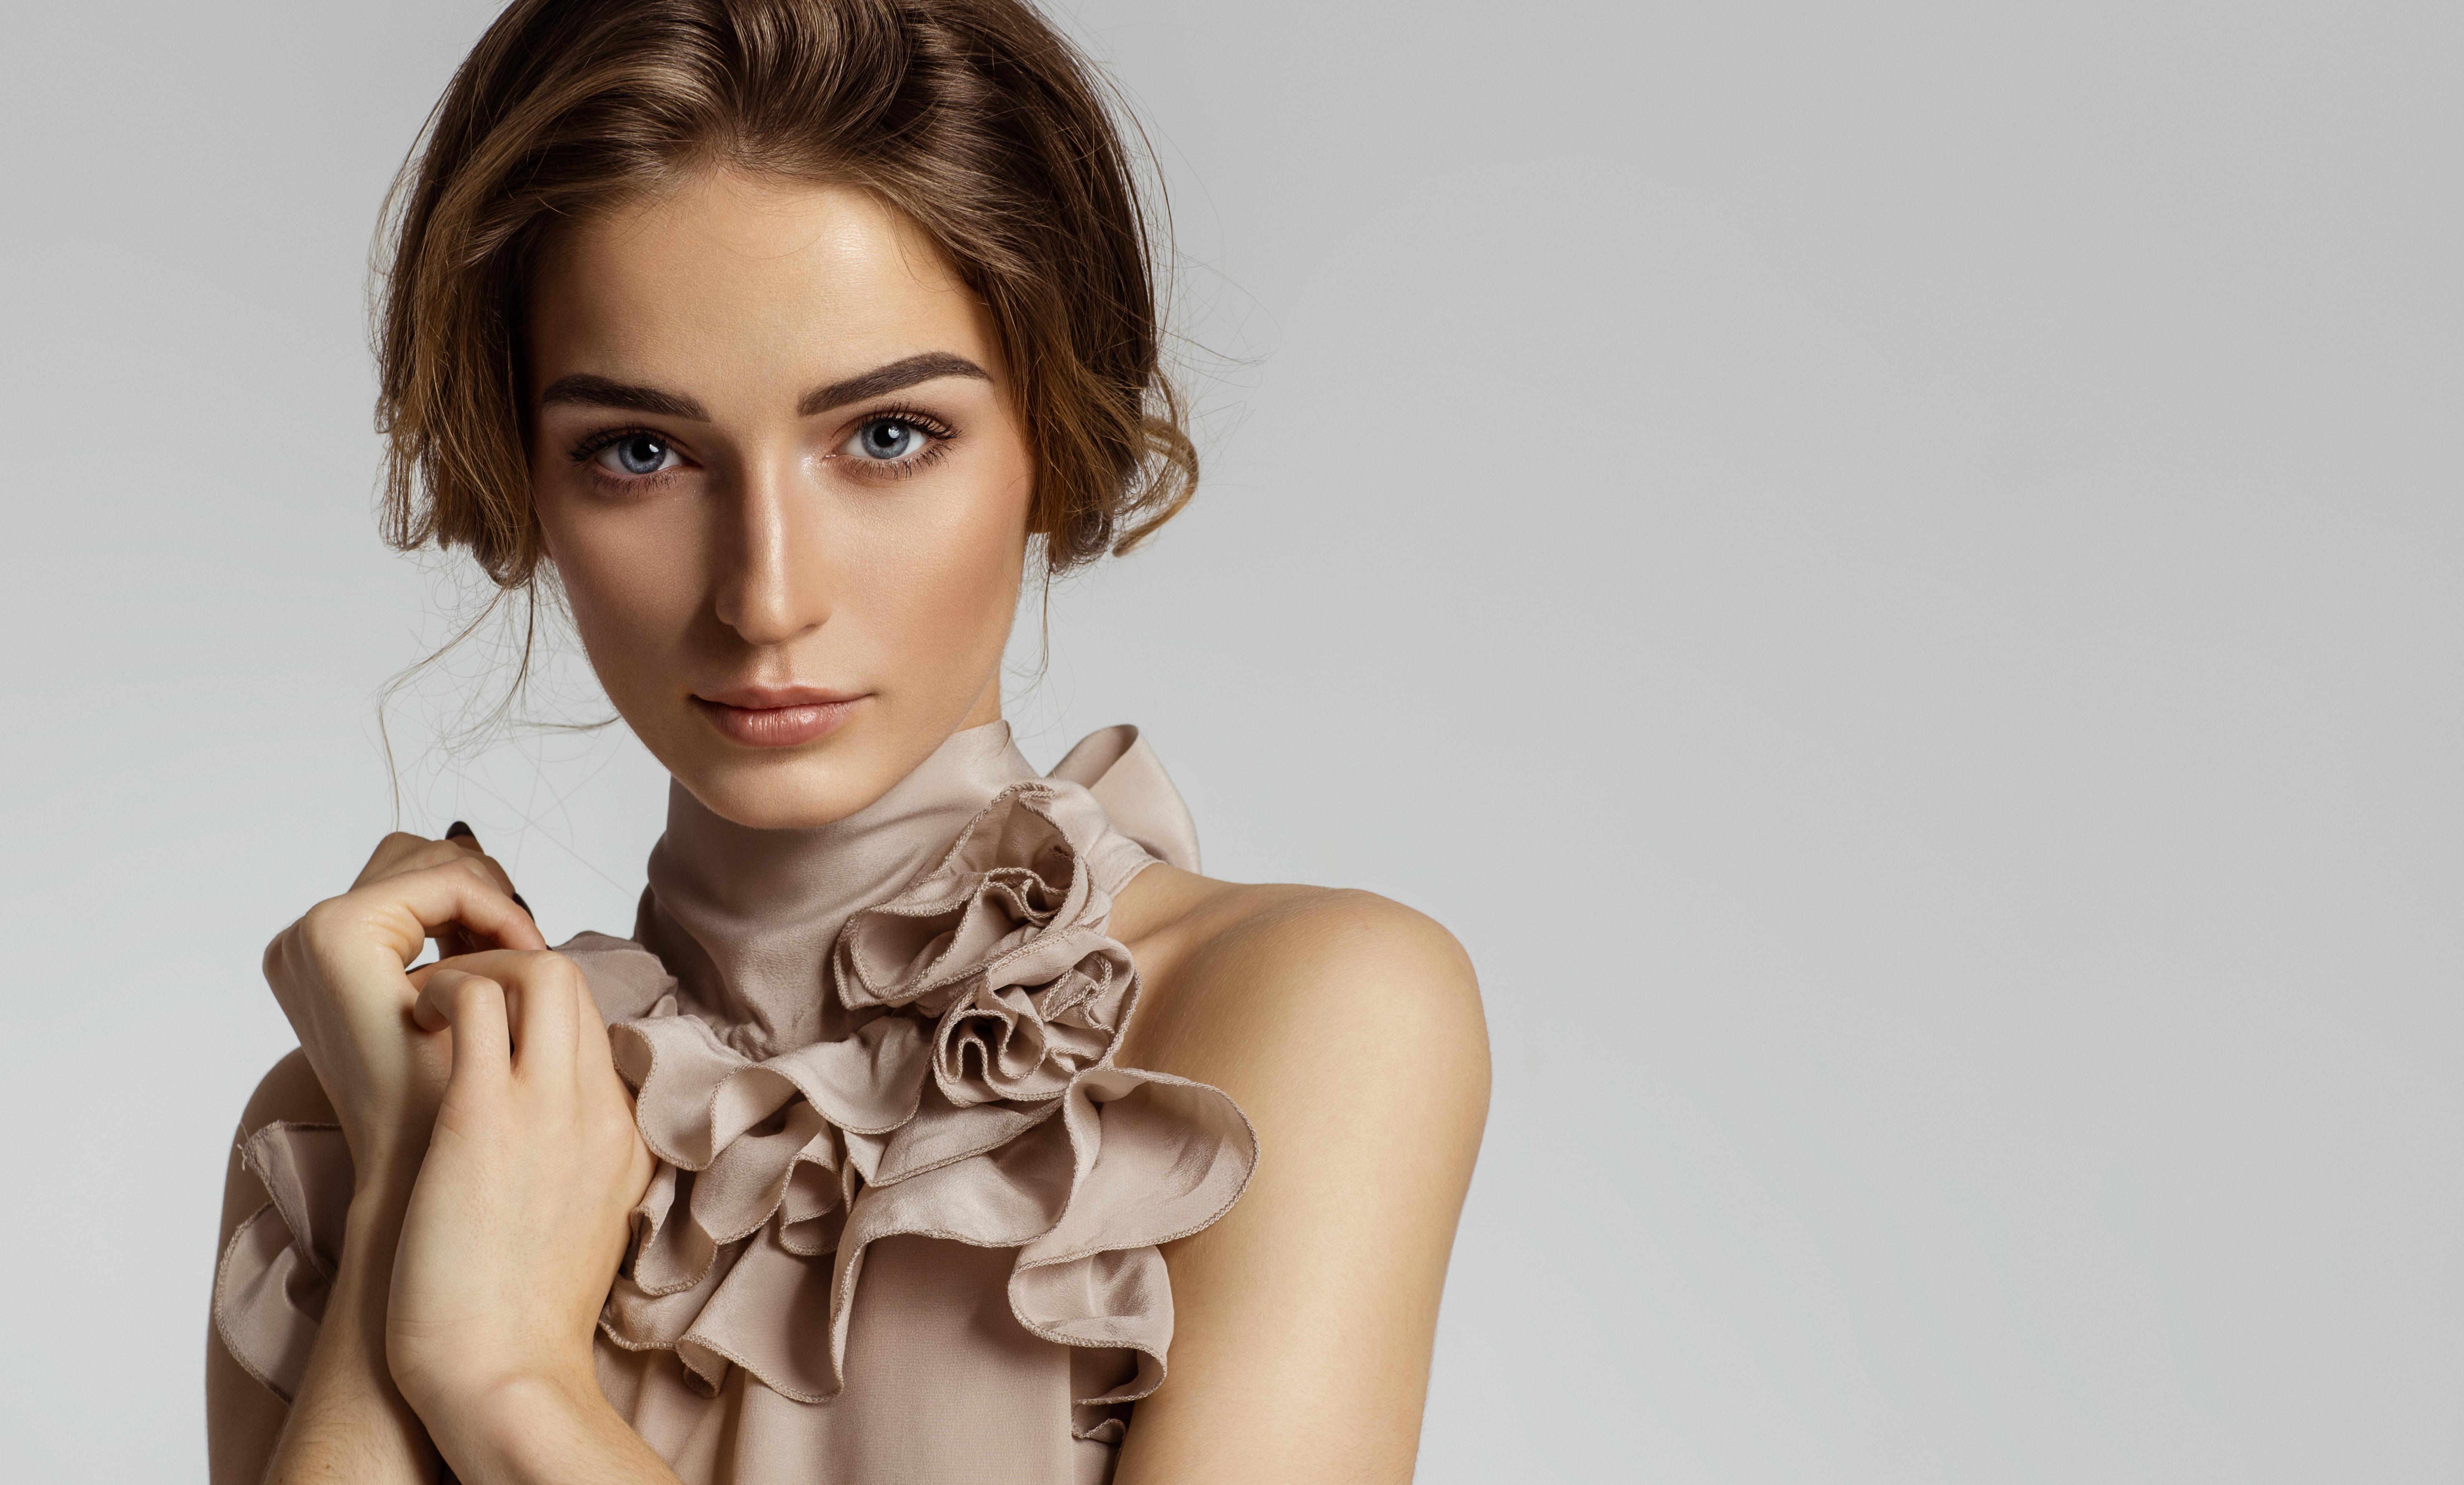 【海外のモデルを使いたい!】外国人モデルを手配&キャスティングする方法